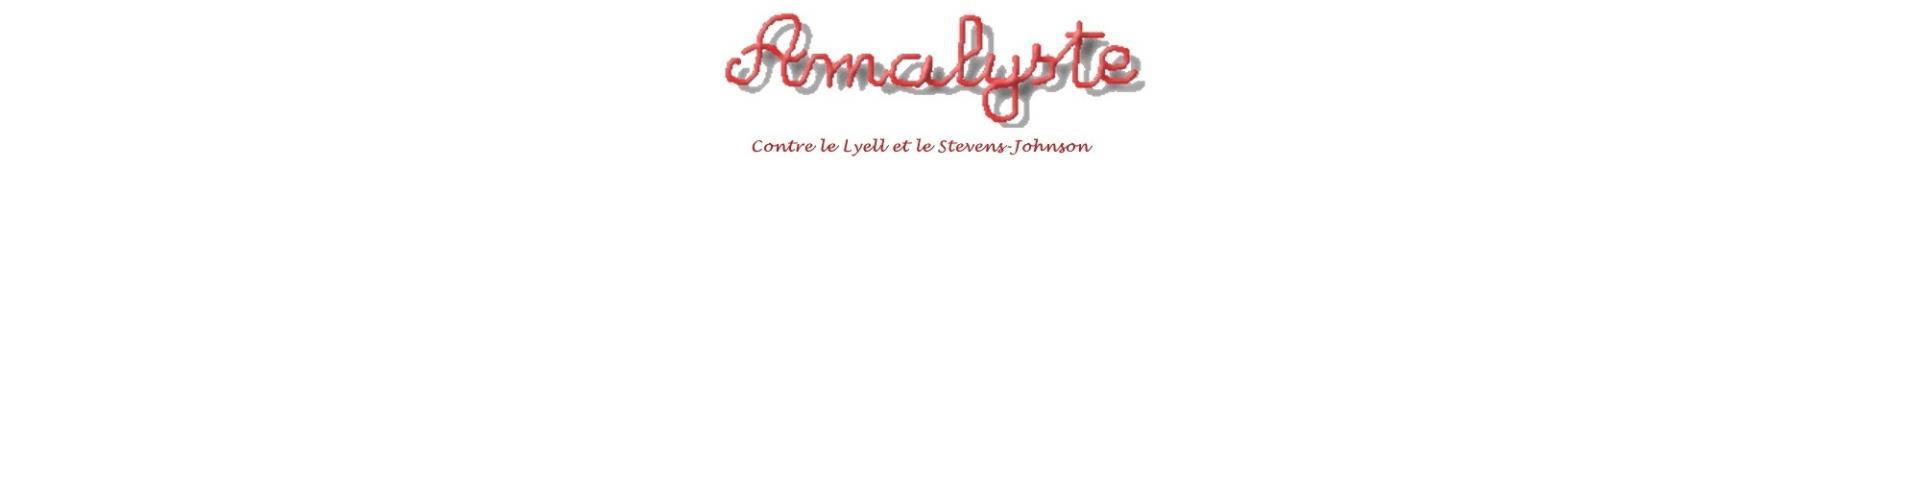 AMALYSTE - formulaire d'adhésion 2019 - AMALYSTE